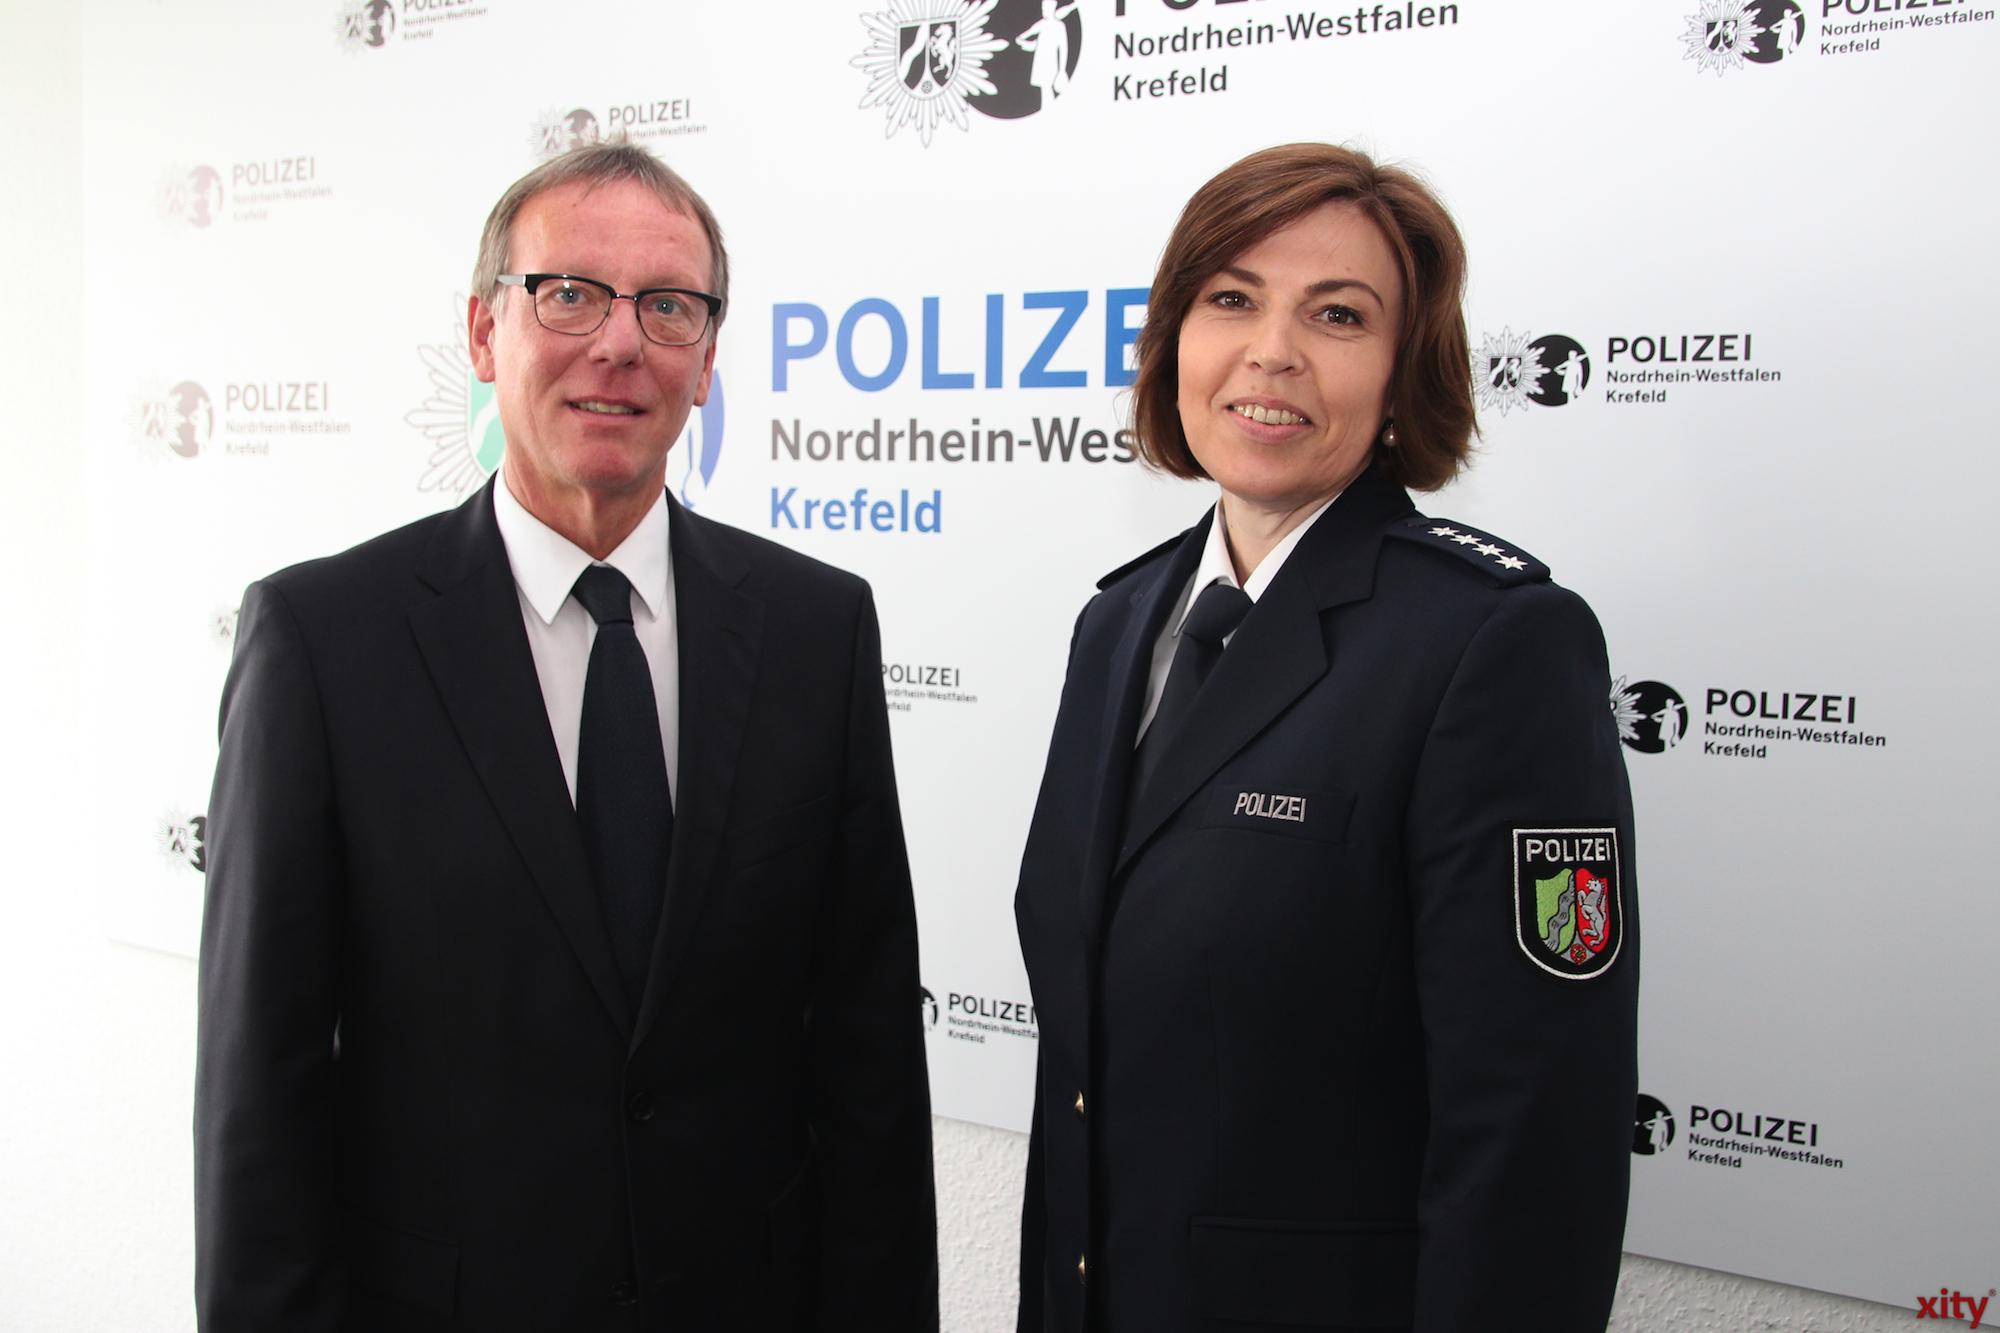 Polizeistelle Düsseldorf